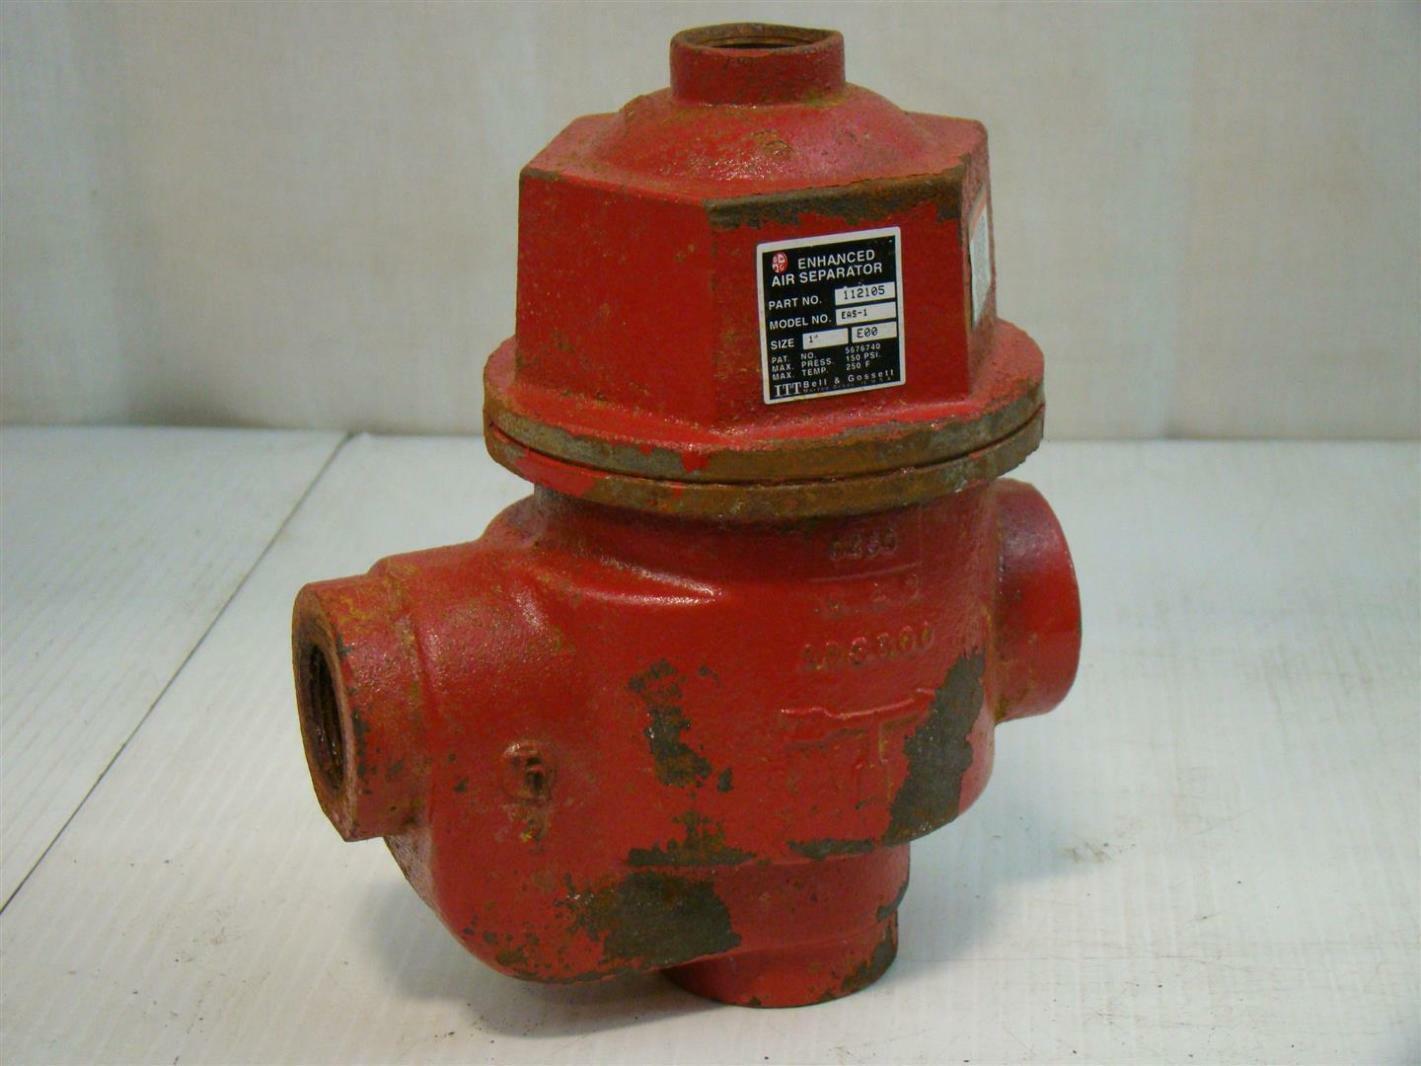 Bell /& Gossett 112105 Enhanced Air Separator